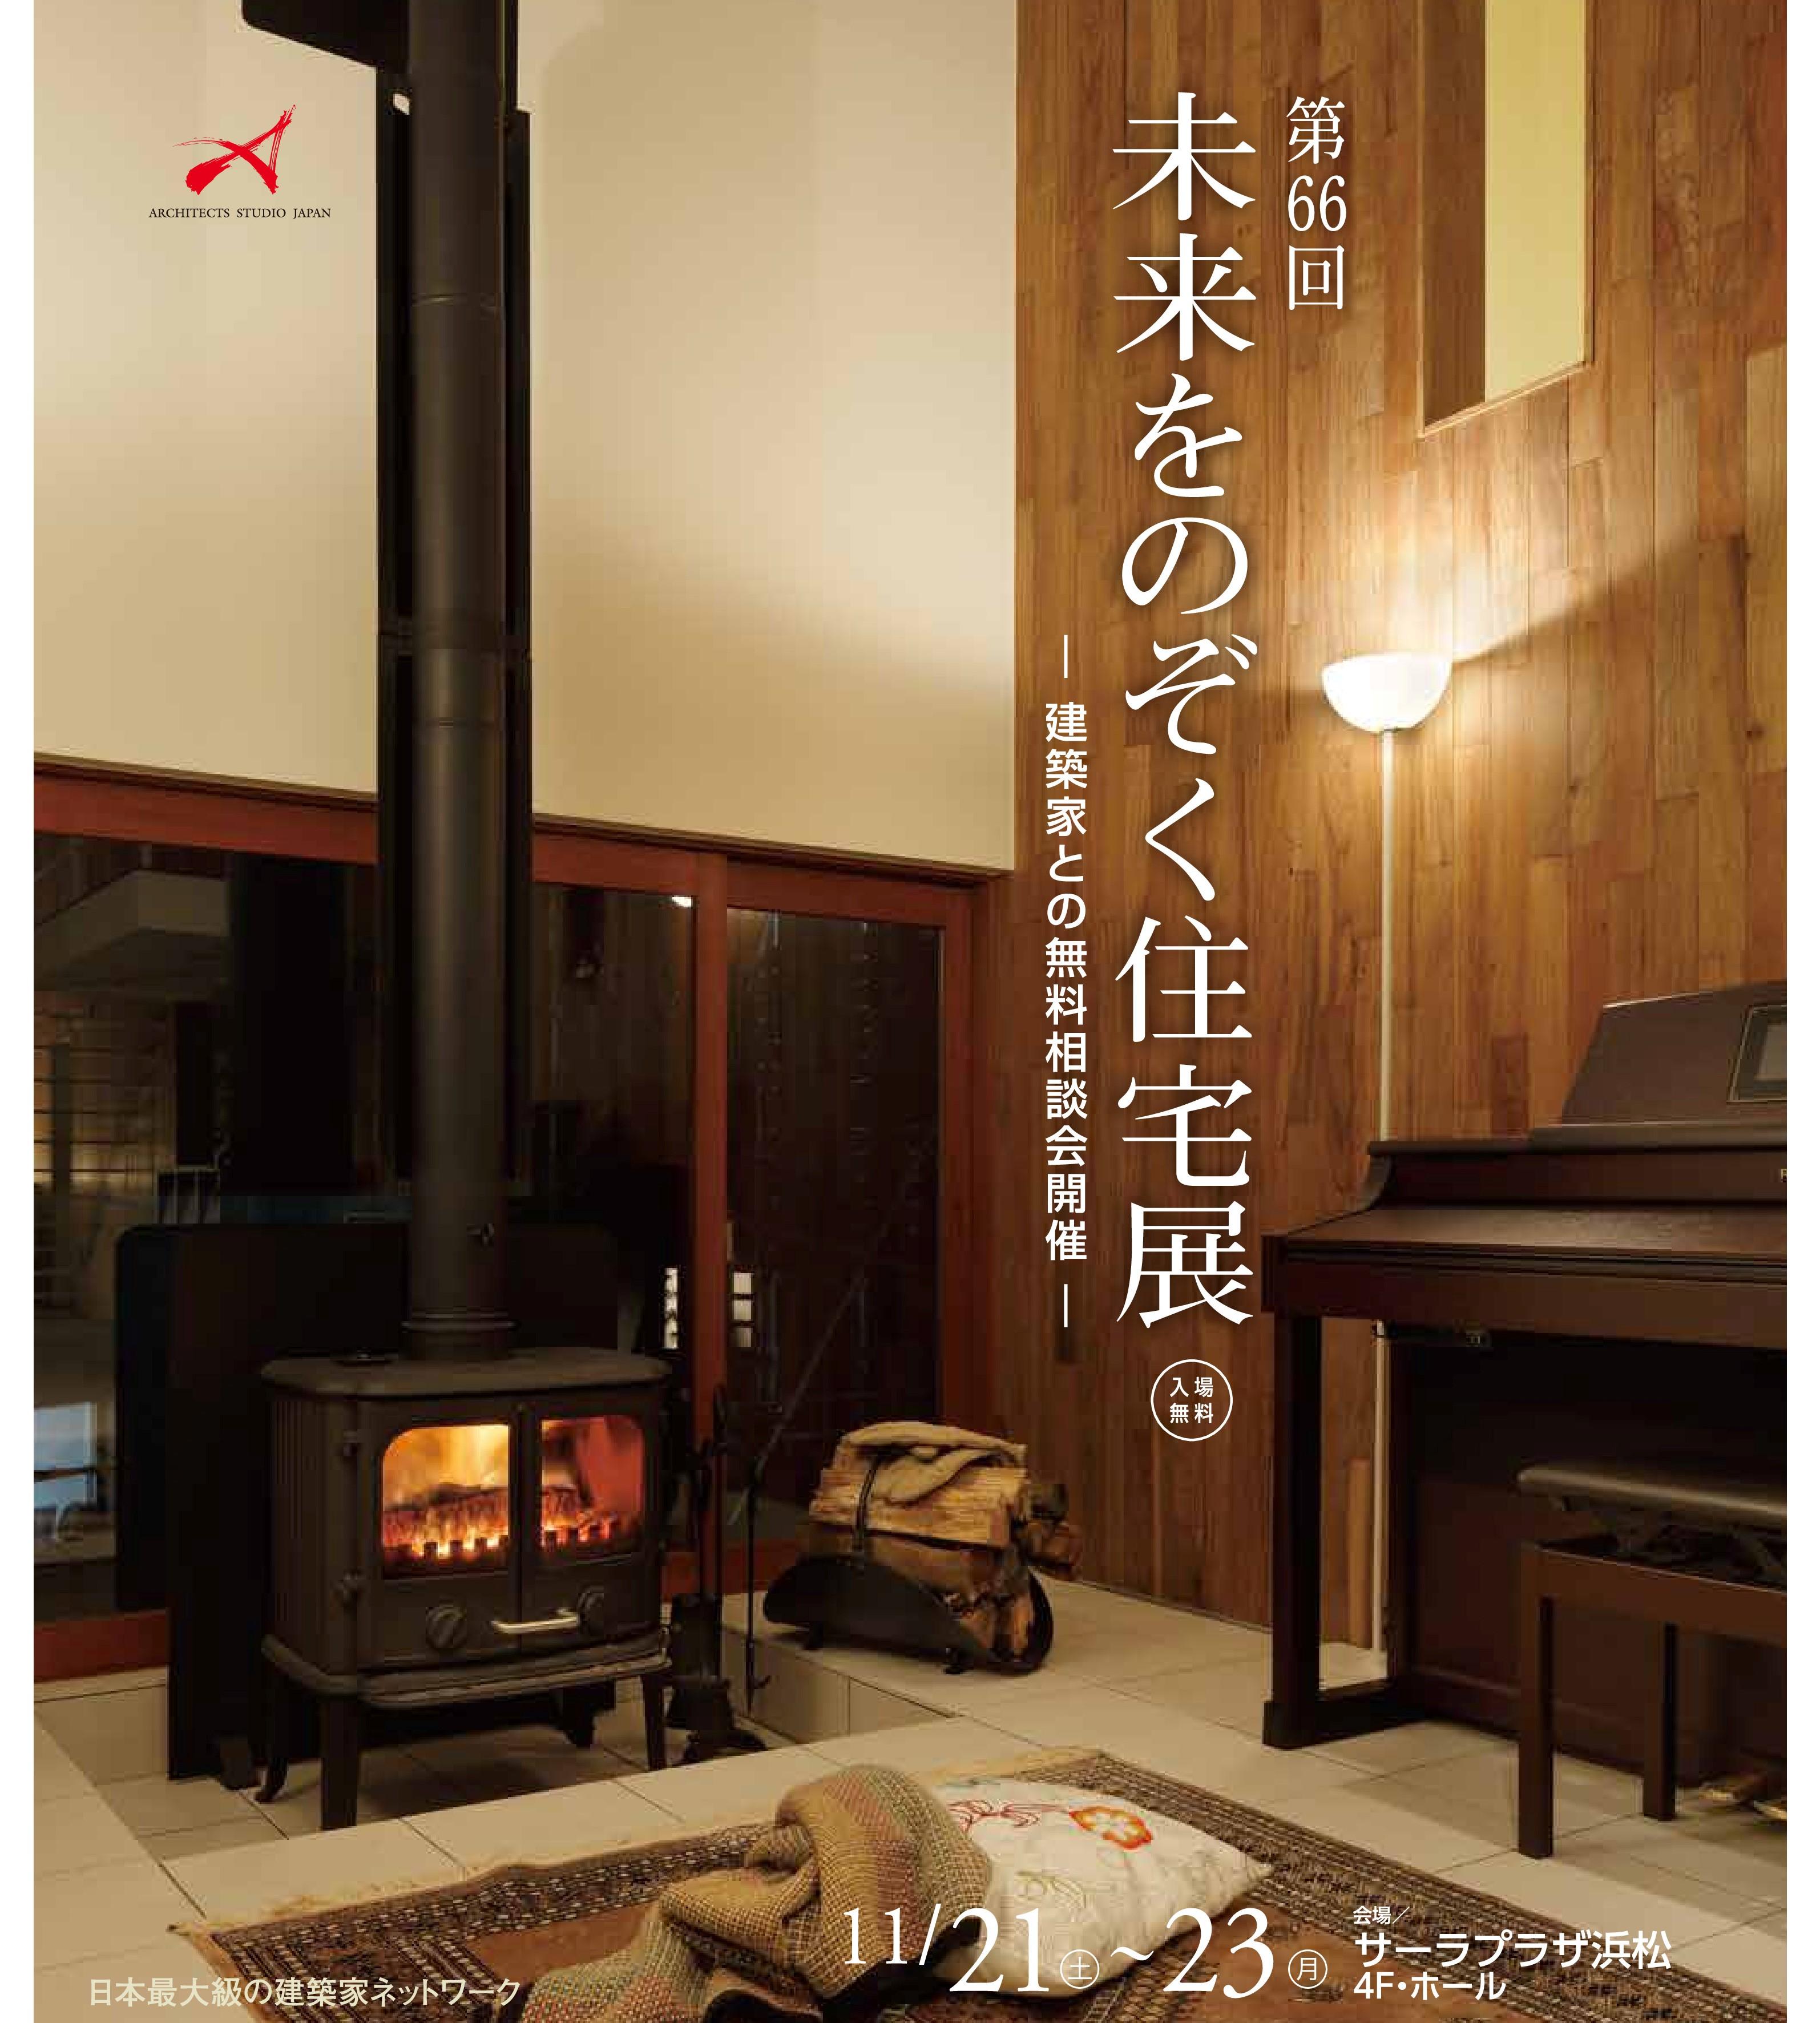 11/21~23|第66回 未来をのぞく住宅展 in サーラプラザ浜松